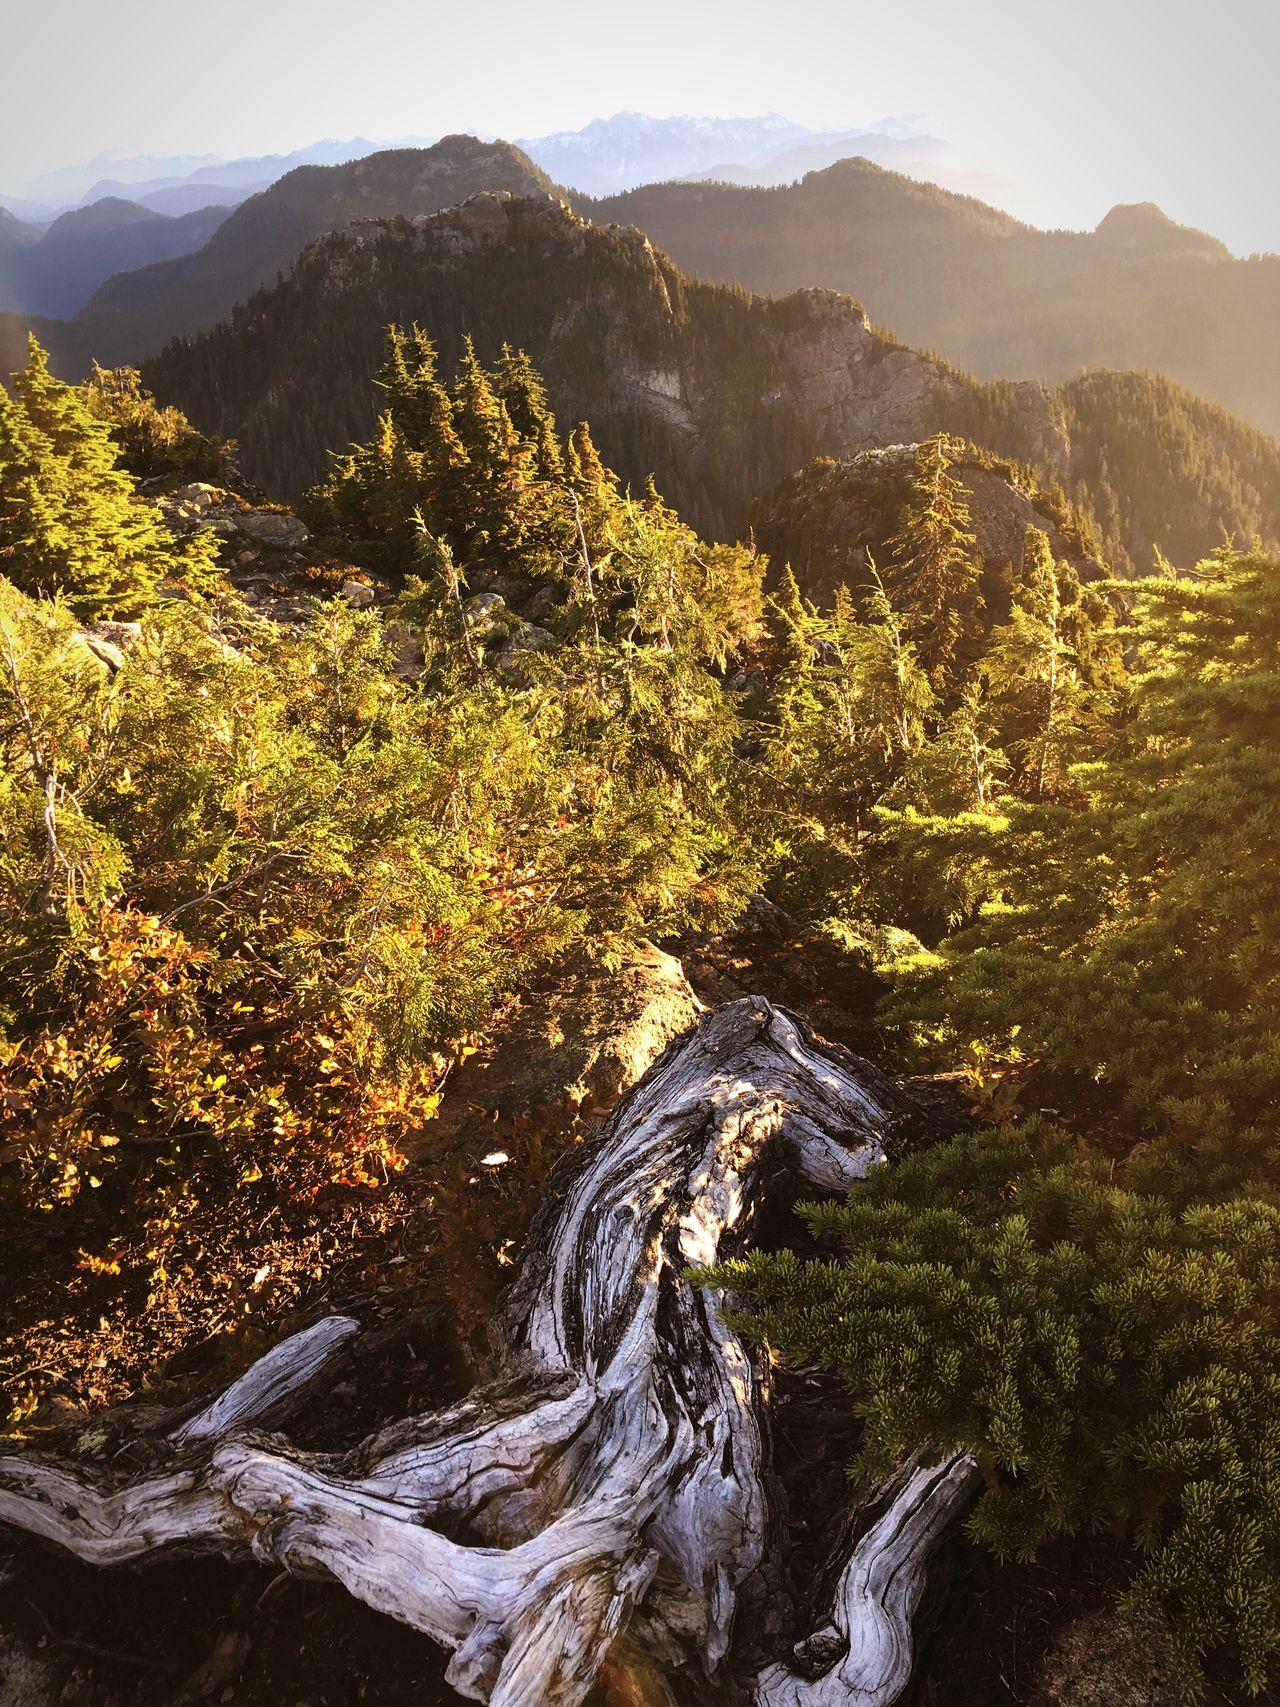 Mountain View Mountain Tree Nature Tree Trunk Fallen Tree